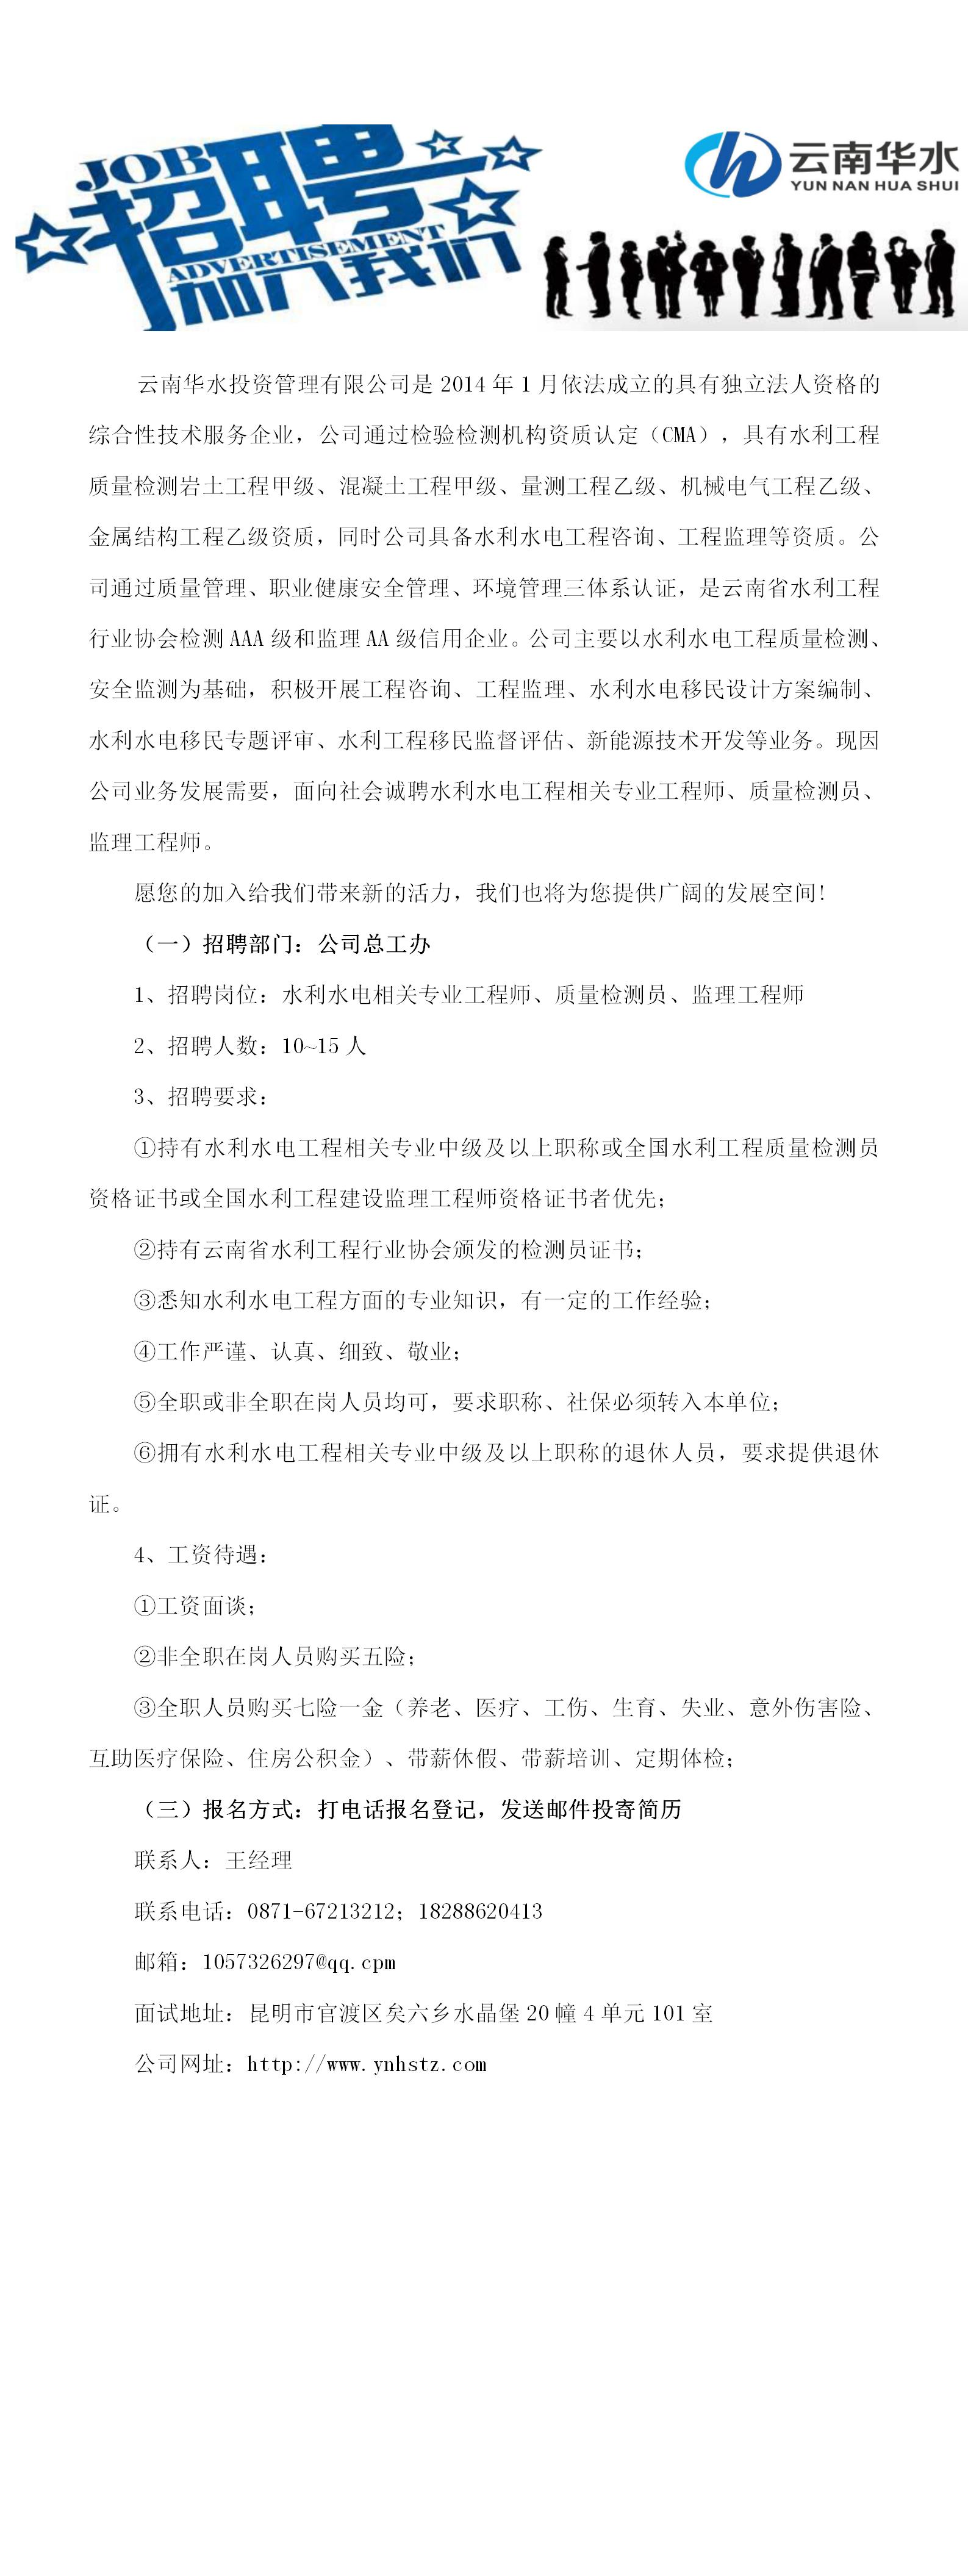 云南华水投资管理有限公司招聘启事—2020.02.11(定稿)_01.png